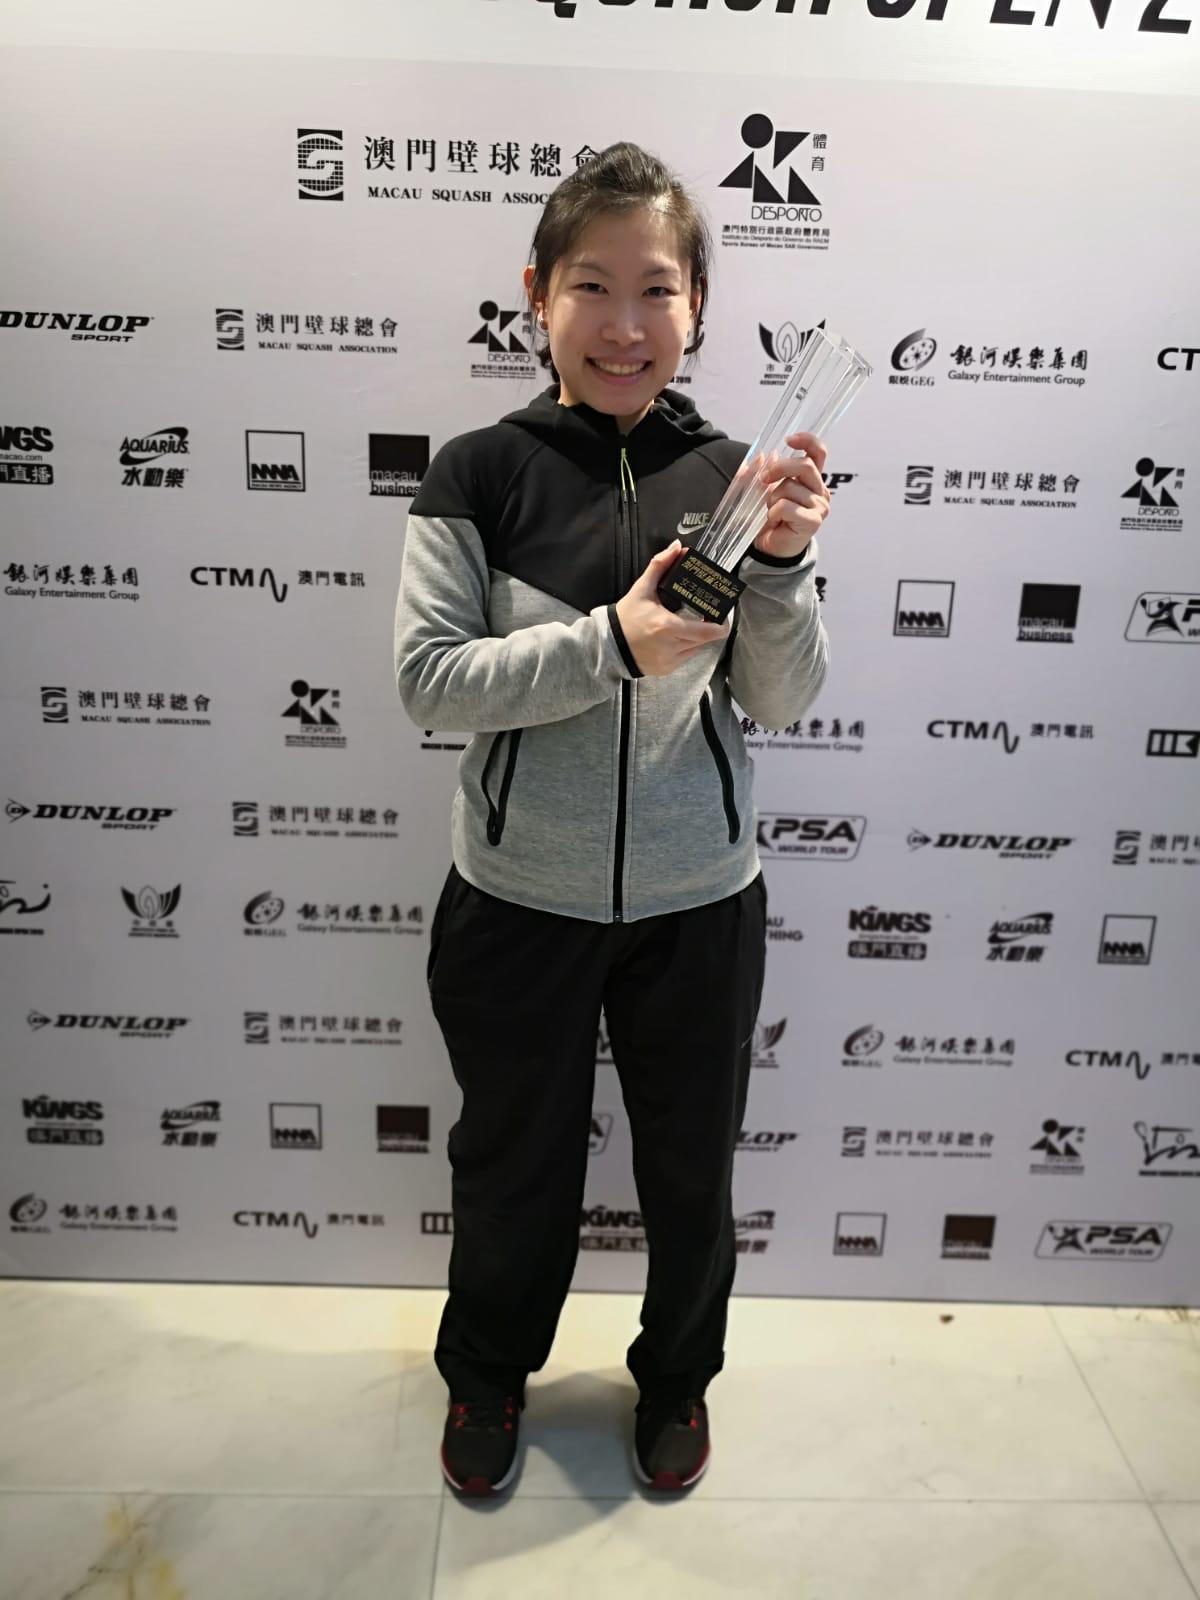 歐詠芝在決賽直落三局氣走劉薇雯奪冠。相片由香港壁球總會提供